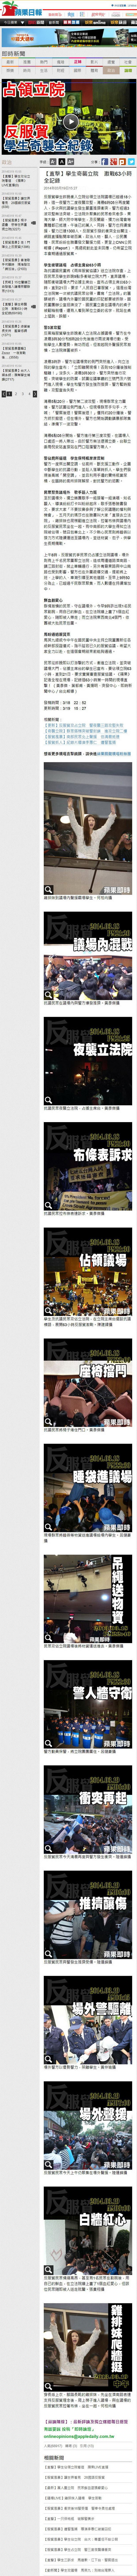 【直擊】學生奇襲立院激戰63小時全記錄 -2014.03.19.jpg